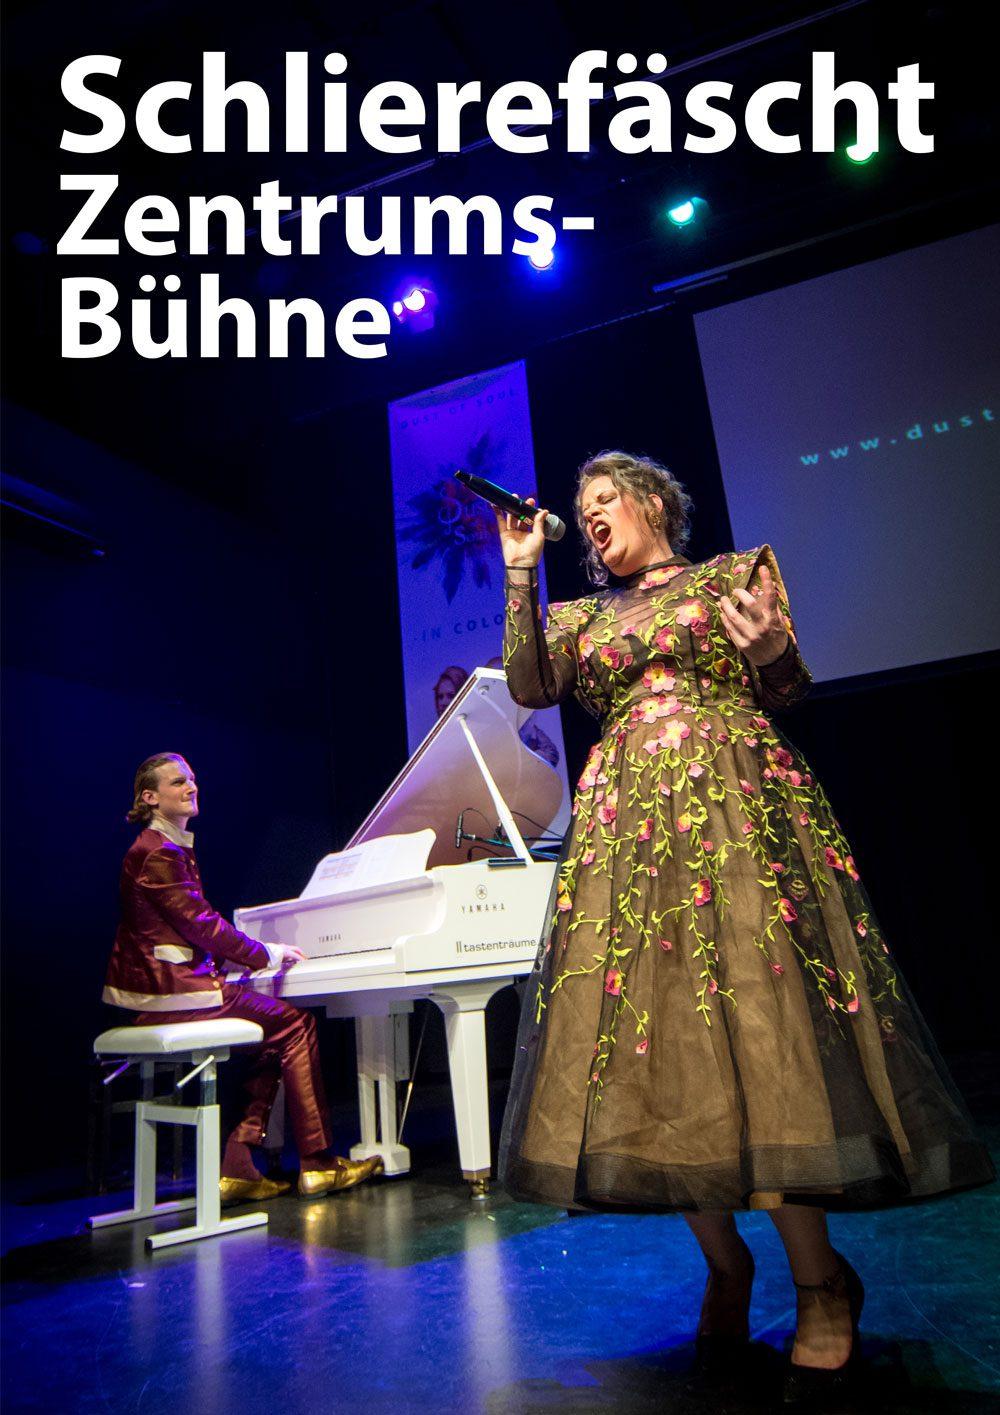 Concert on Zentrumsbühne at Schlierefäscht